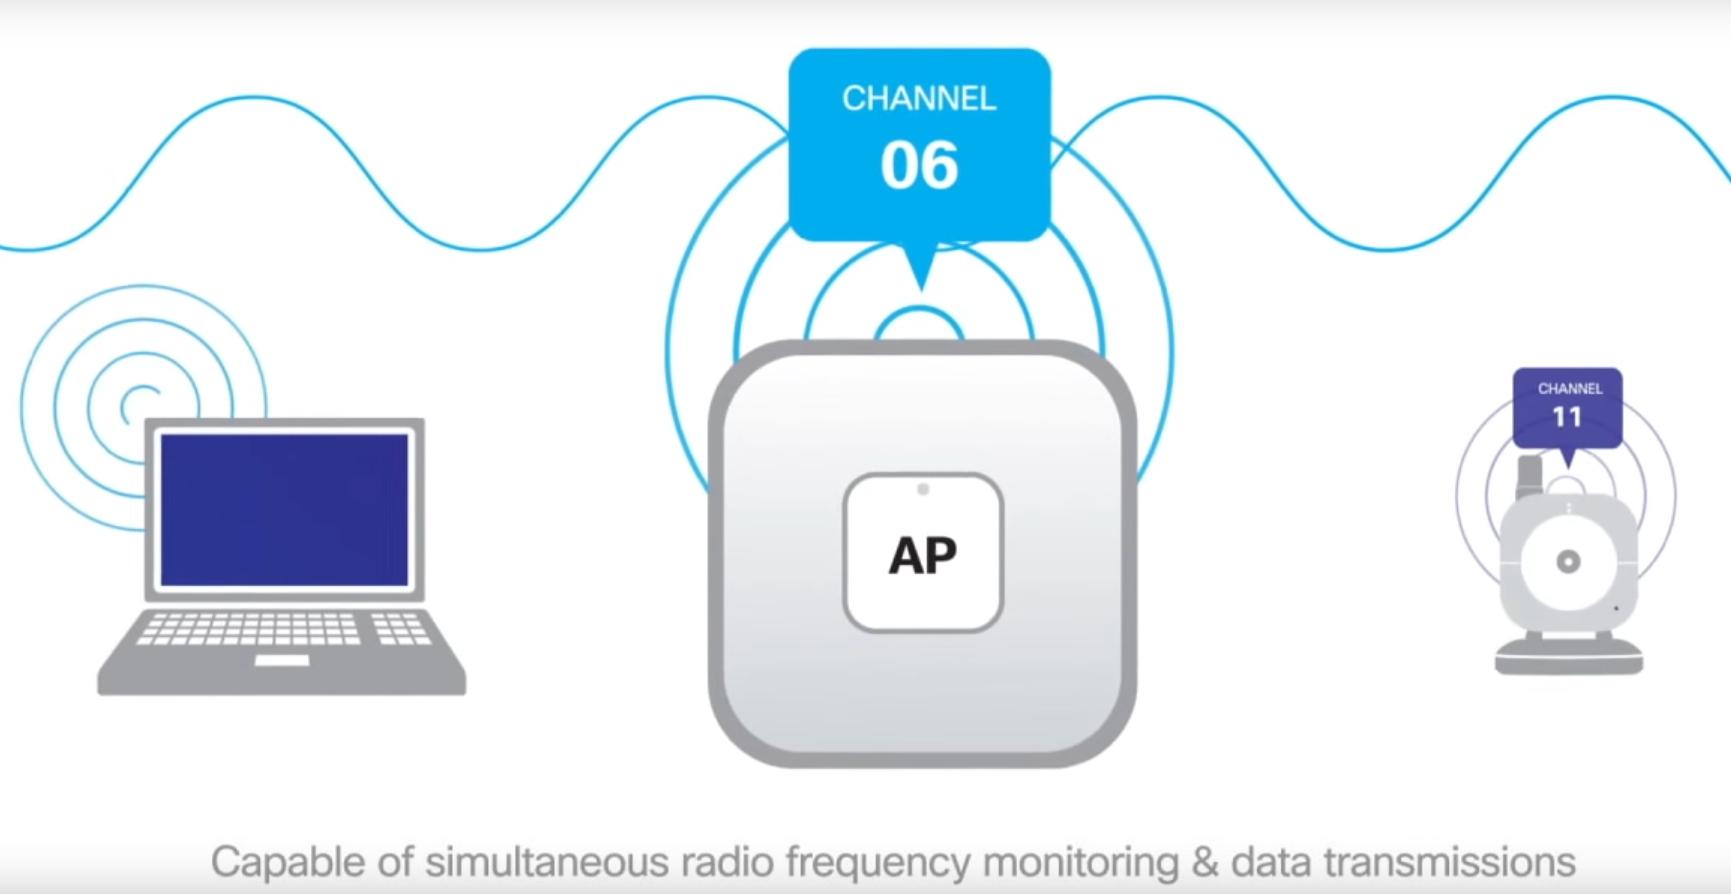 สร้างระบบ Wireless องค์กรให้เข้มแข็งด้วย Cisco Aironet